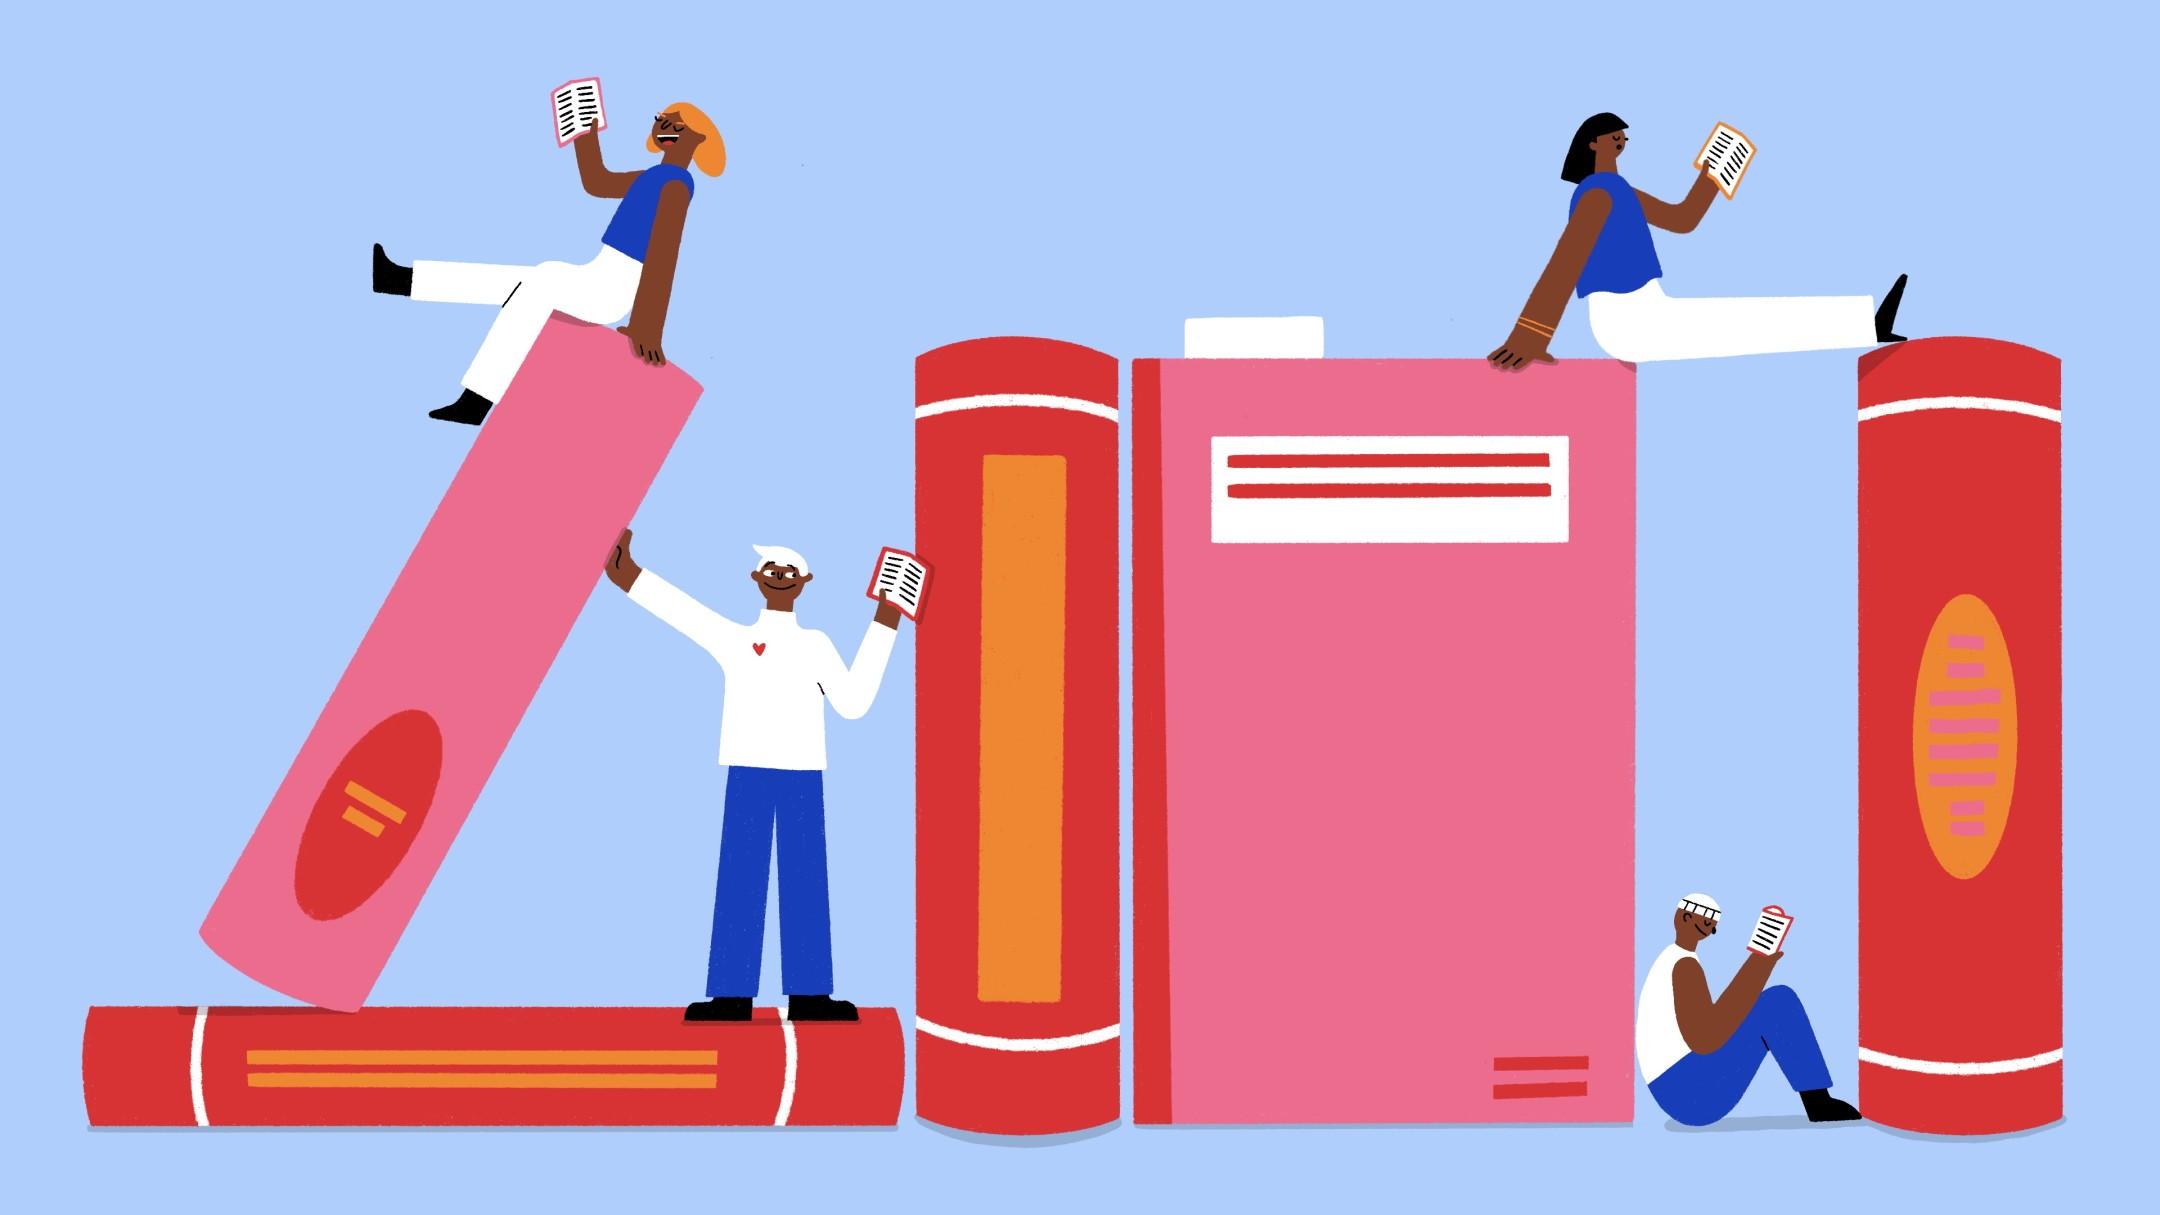 booksrec